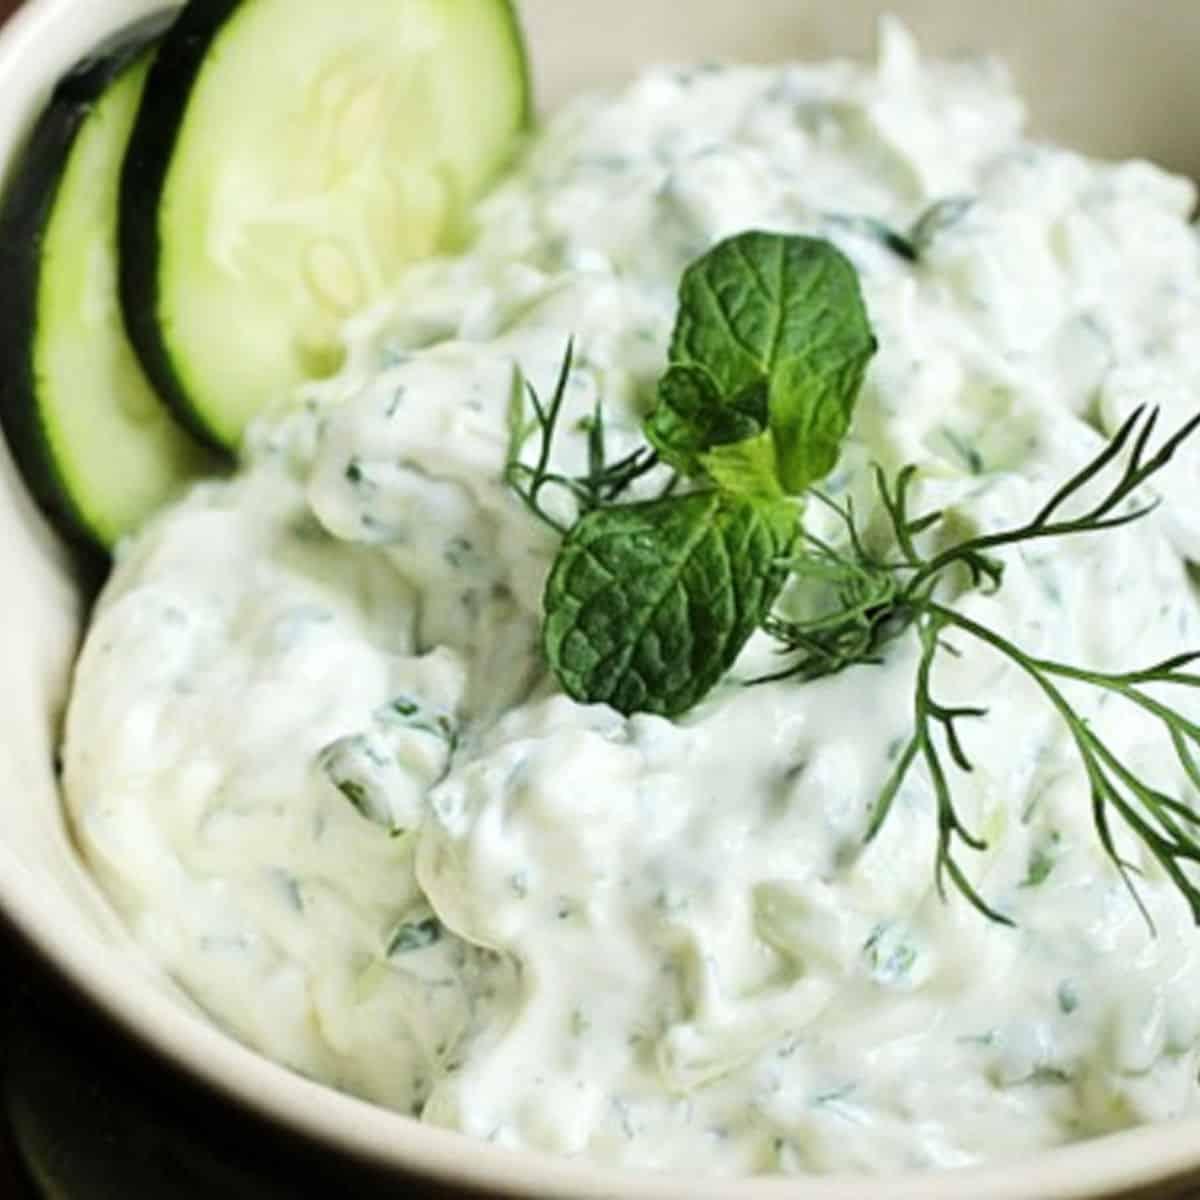 Bowl of cucumber yogurt sauce on bowl